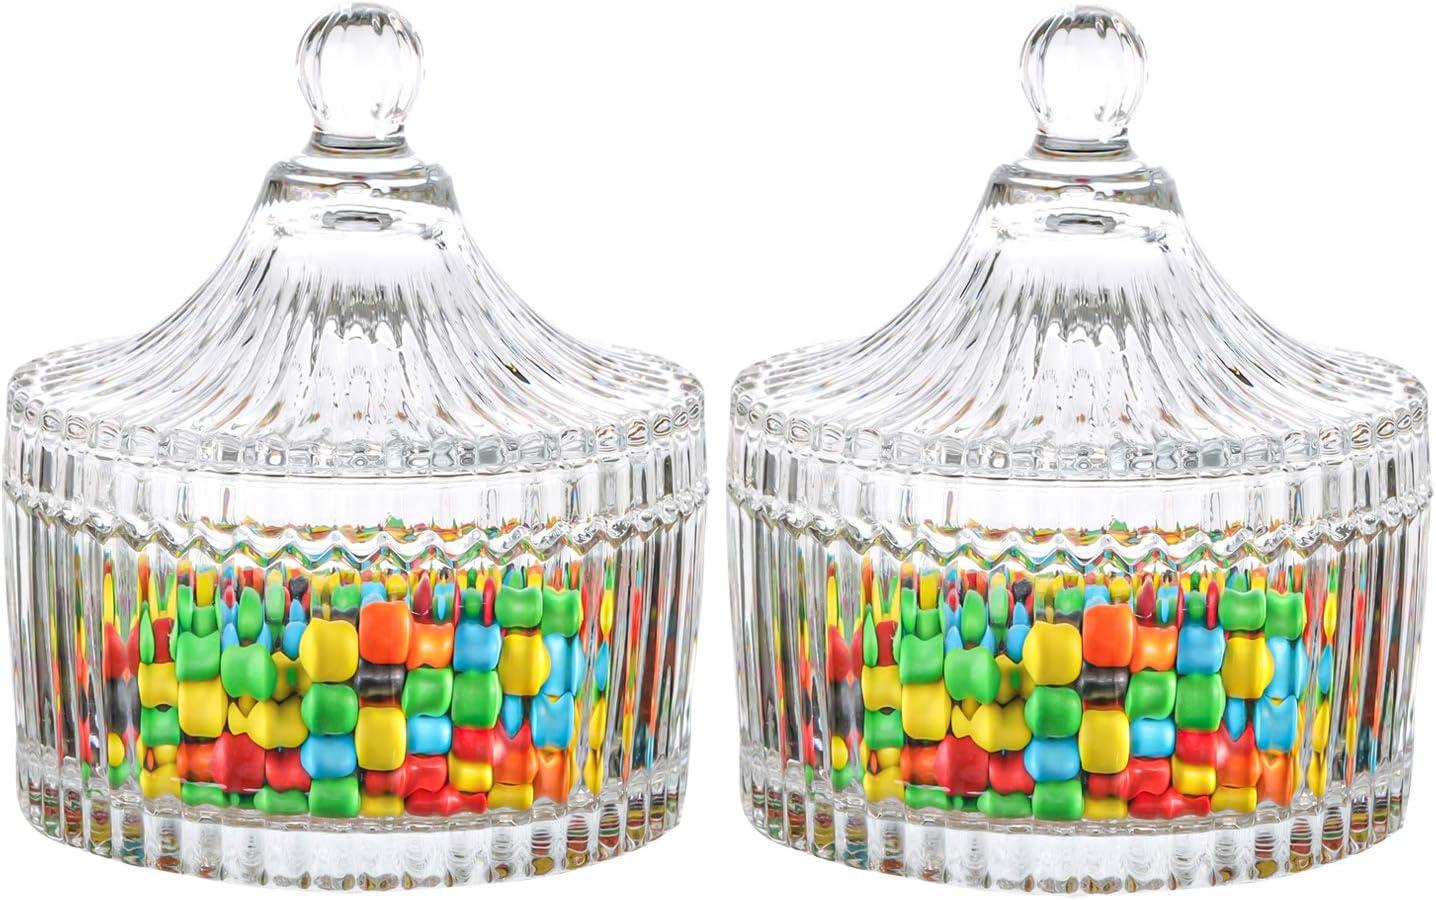 ComSaf 10CM Cubierto de Vidrio Storage Tarro de Almacenamiento Plato de Caramelo Caja Paquete de 2, Decoración para de Oficina Escritorio Regalo para Cumpleaños Boda Día de San Valentín Navidad